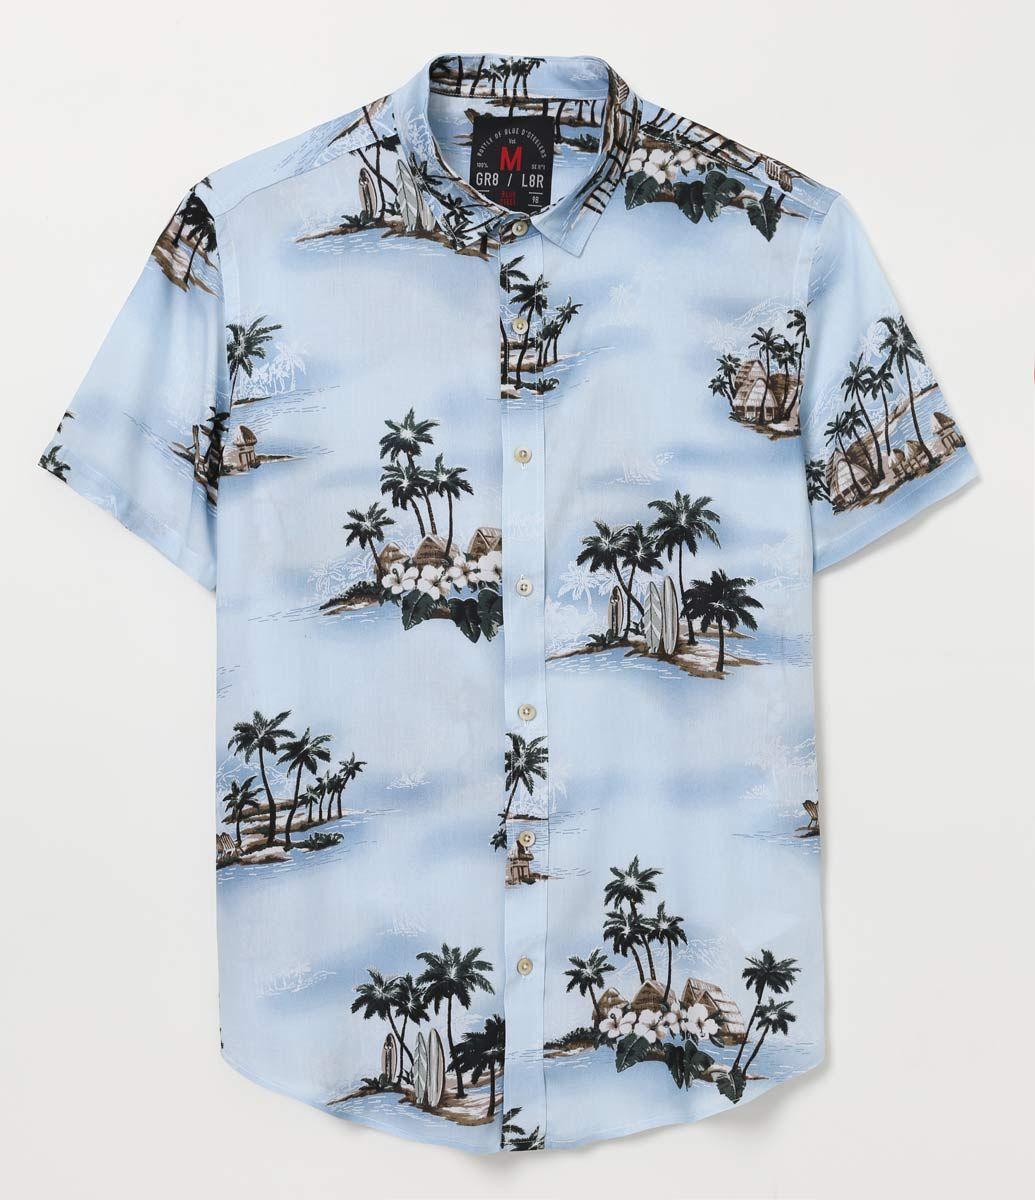 23a46cb3e3 Camiseta masculina de manga curta estampa paisagem